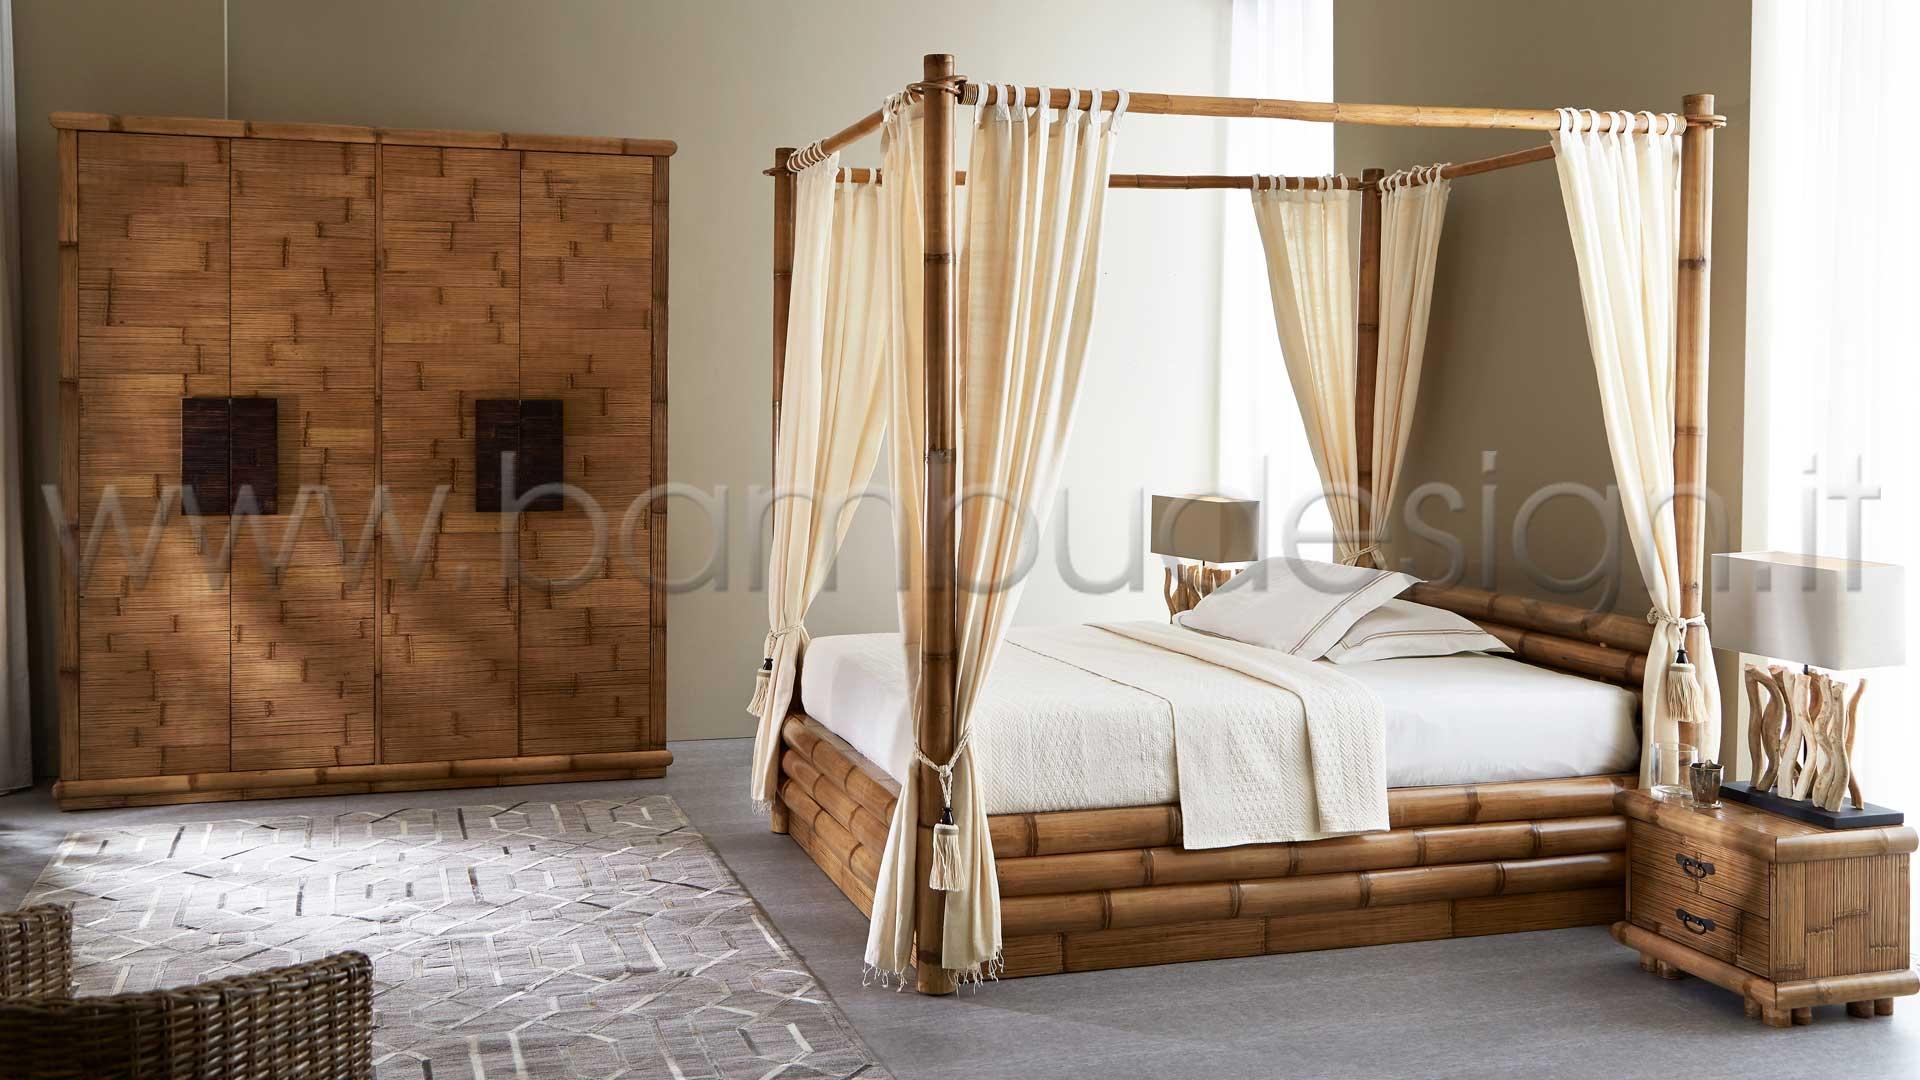 Letto A Baldacchino Matrimoniale.Letto In Bambu Baldacchino Matrimoniale Sumba 180x220 H 40 223 Cm